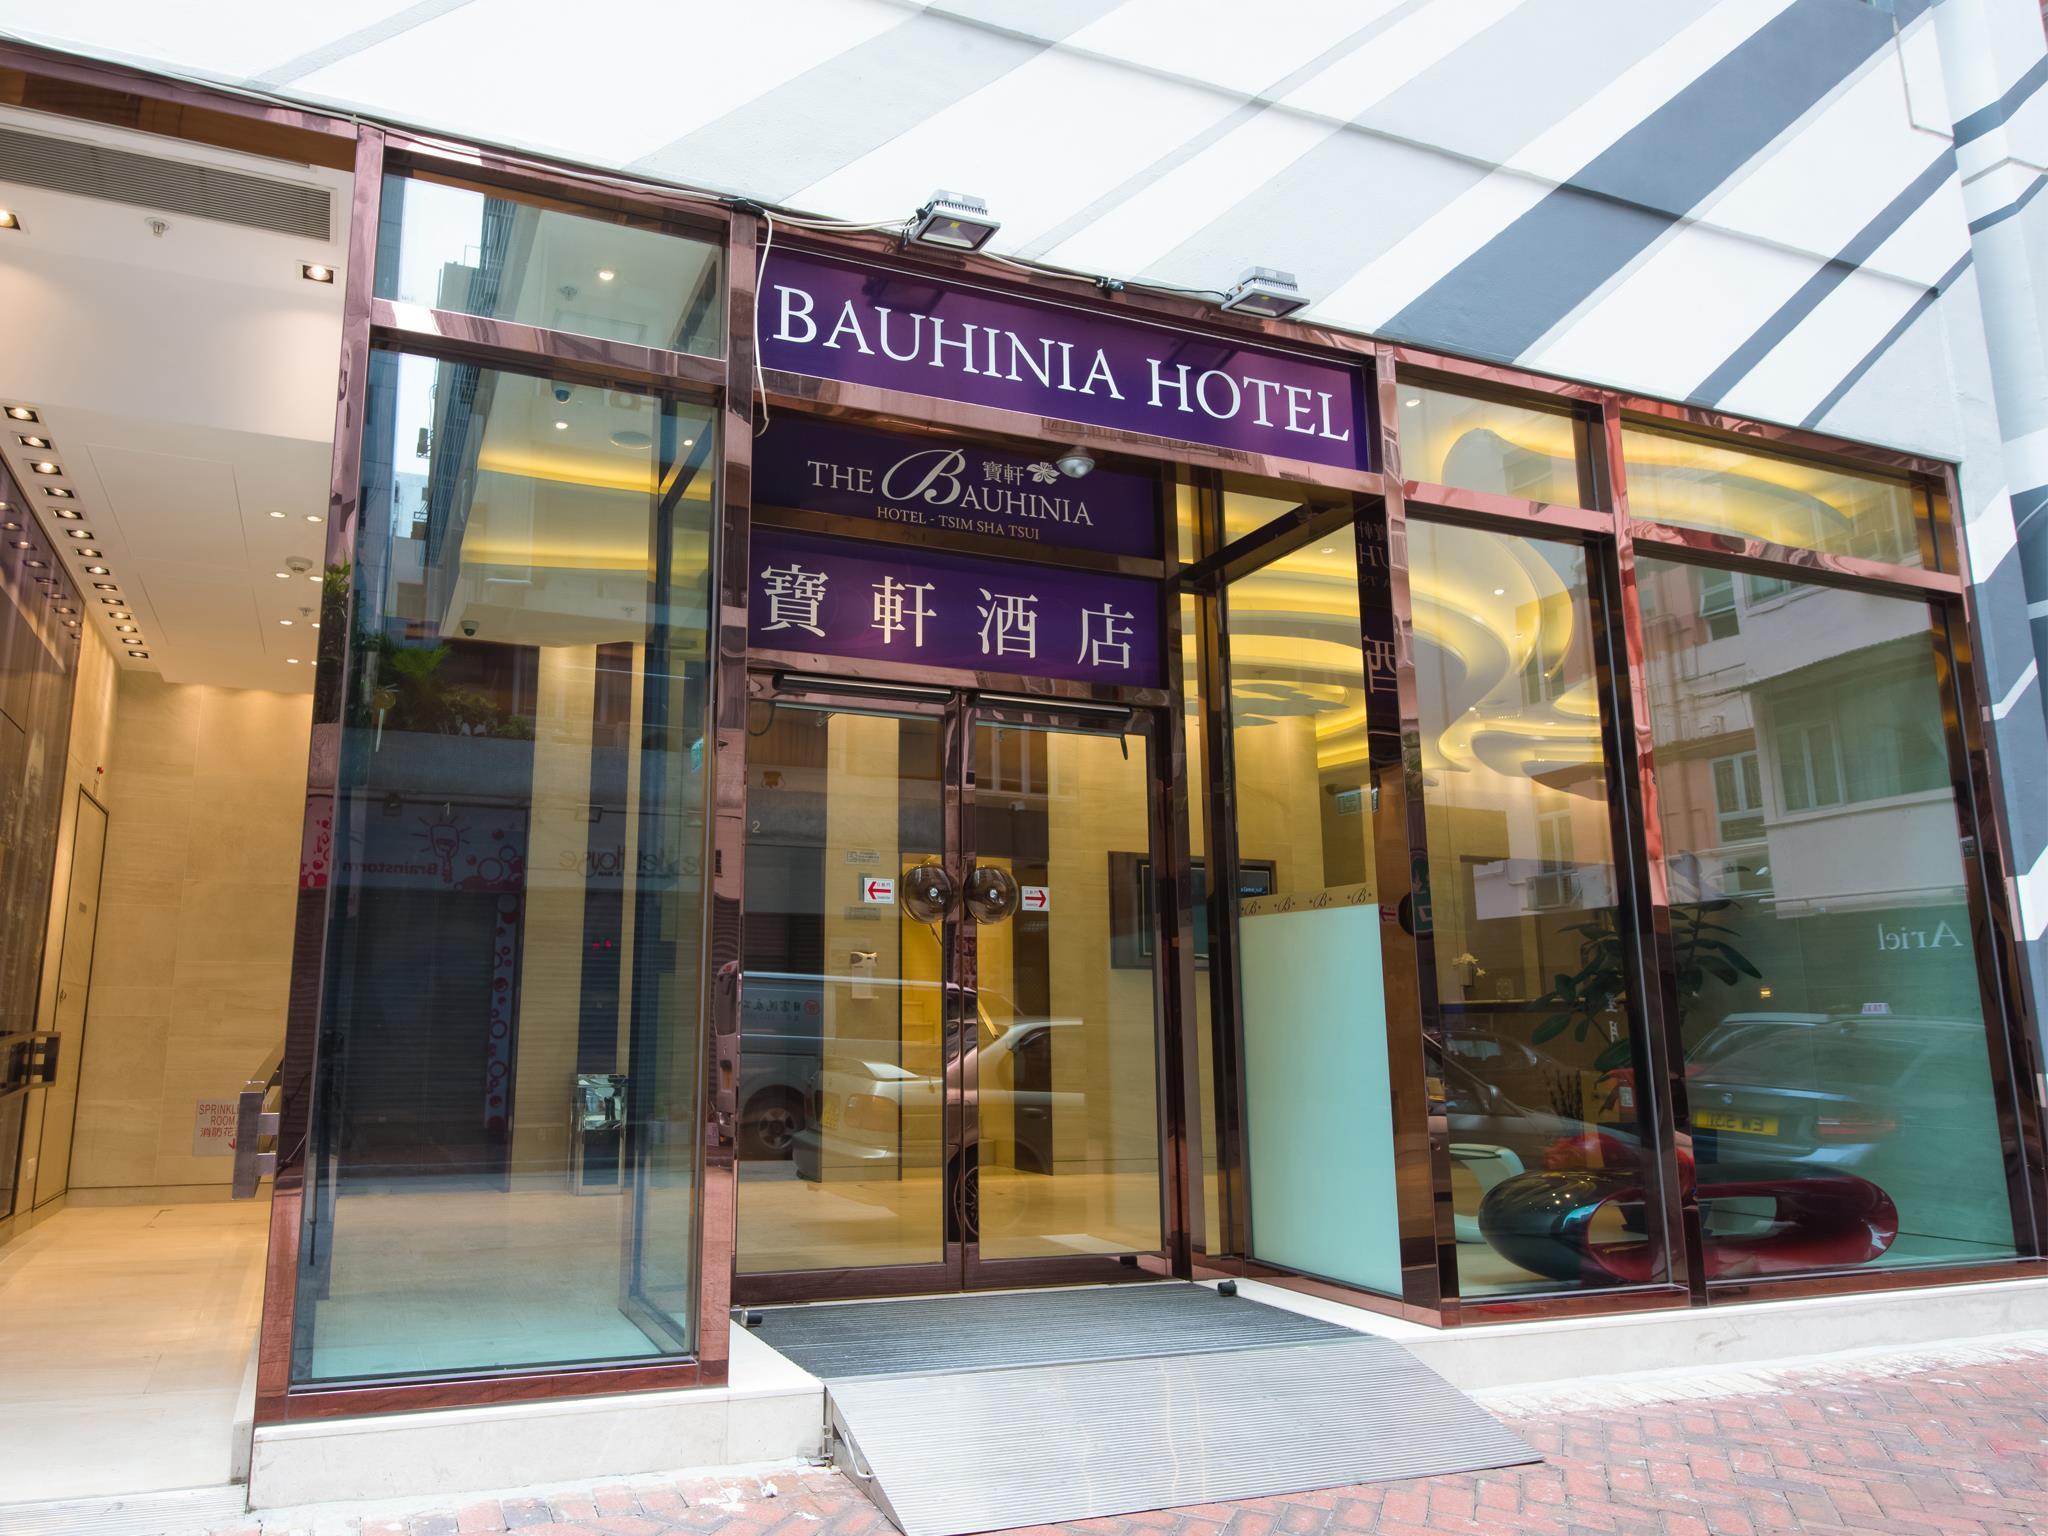 香港香港寶軒酒店 - 尖沙咀 (The Bauhinia Hotel-TST) - Agoda 提供行程前一刻網上即時優惠價格訂房服務